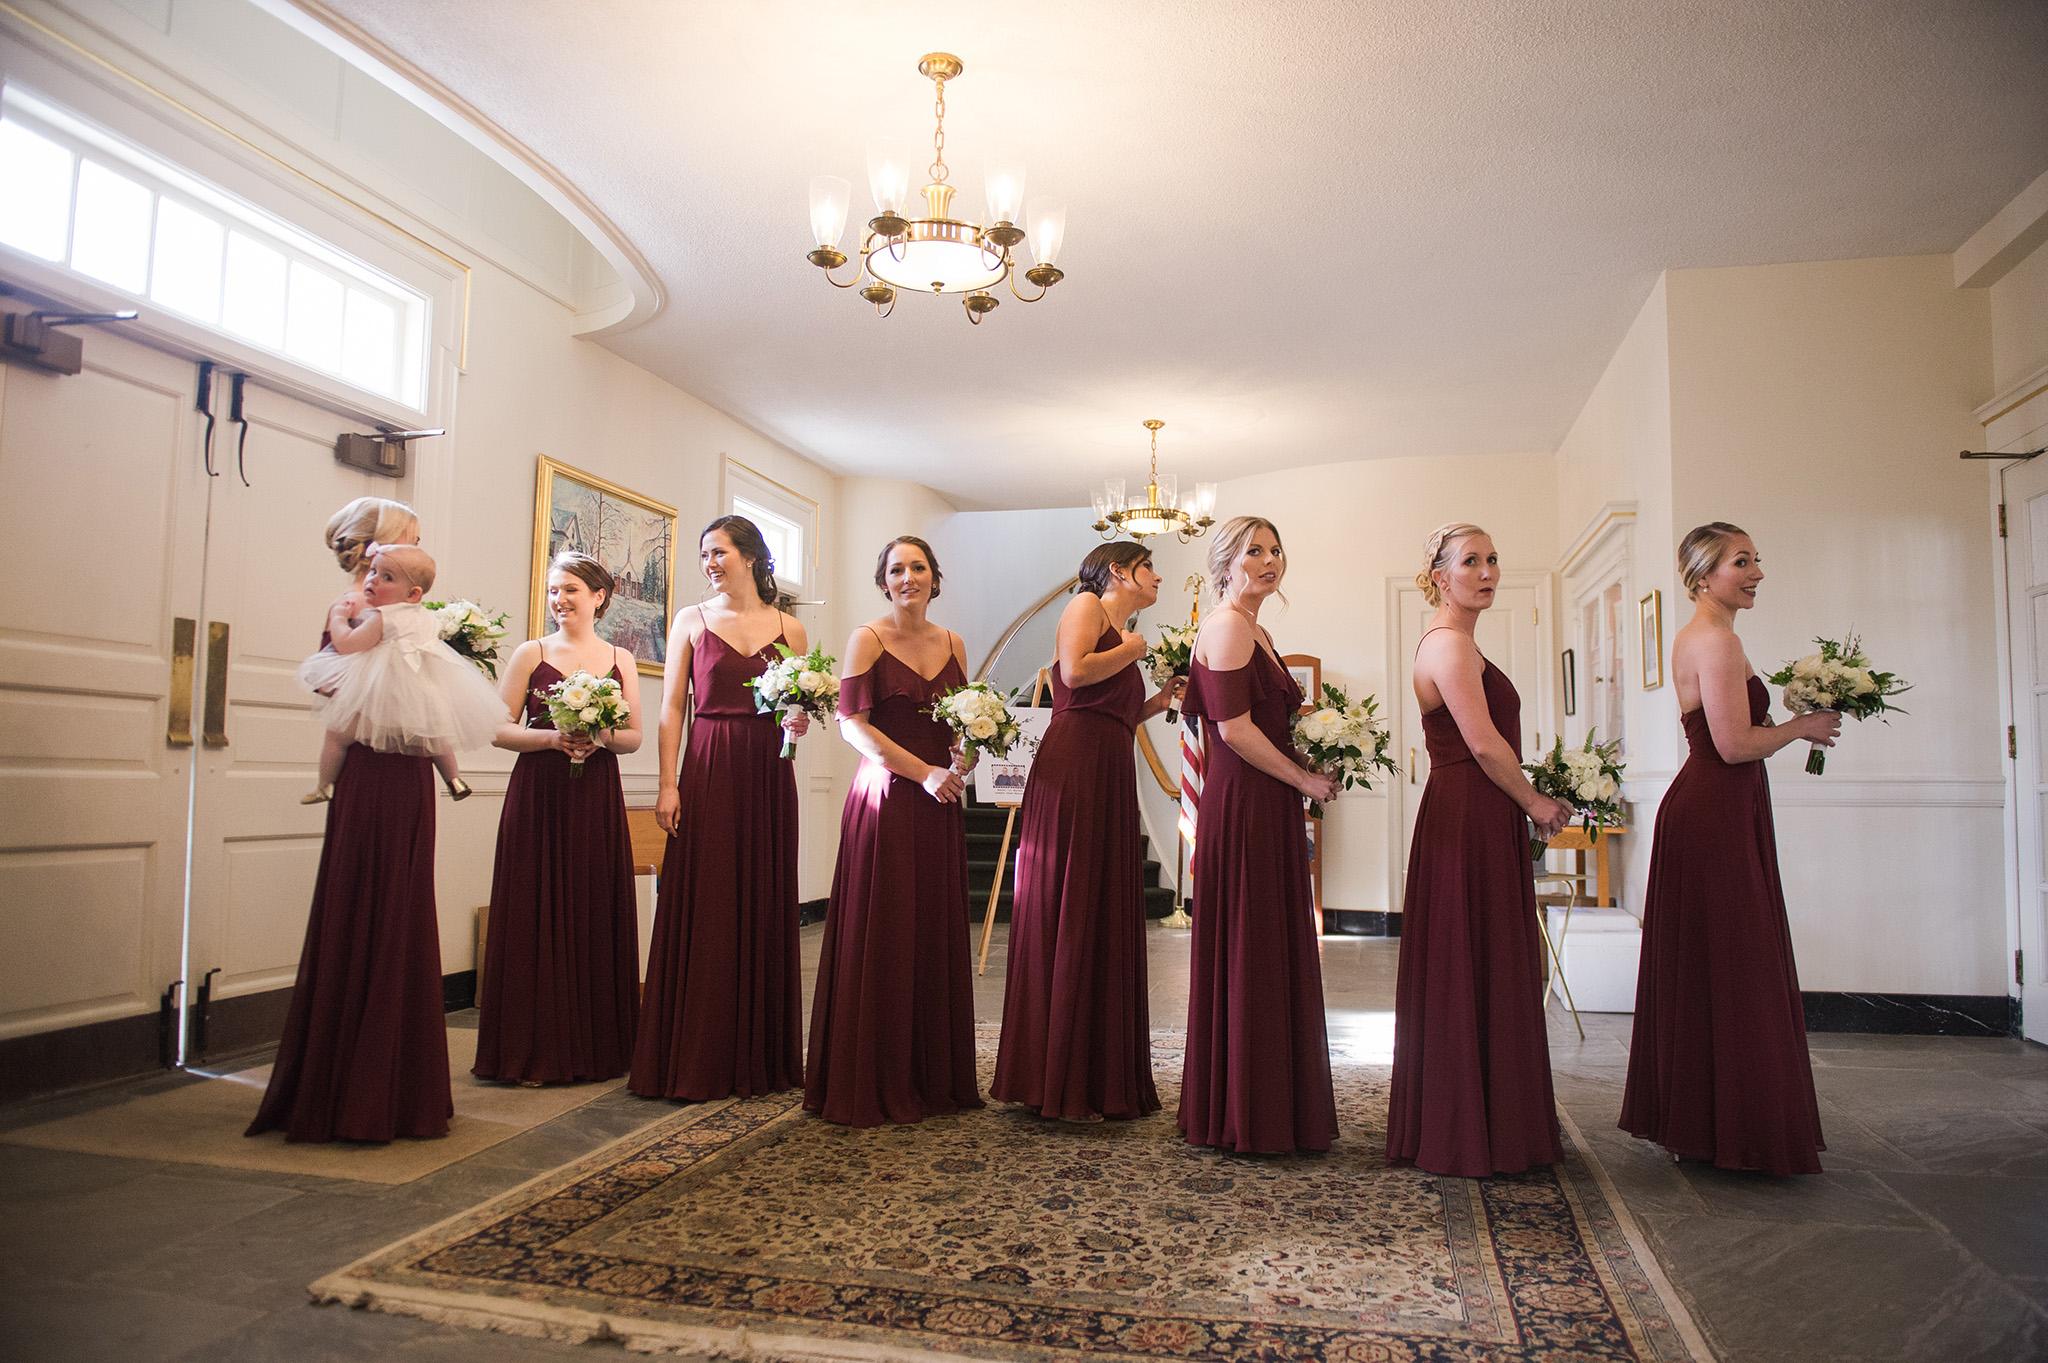 aldie_mansion_wedding_10.jpg